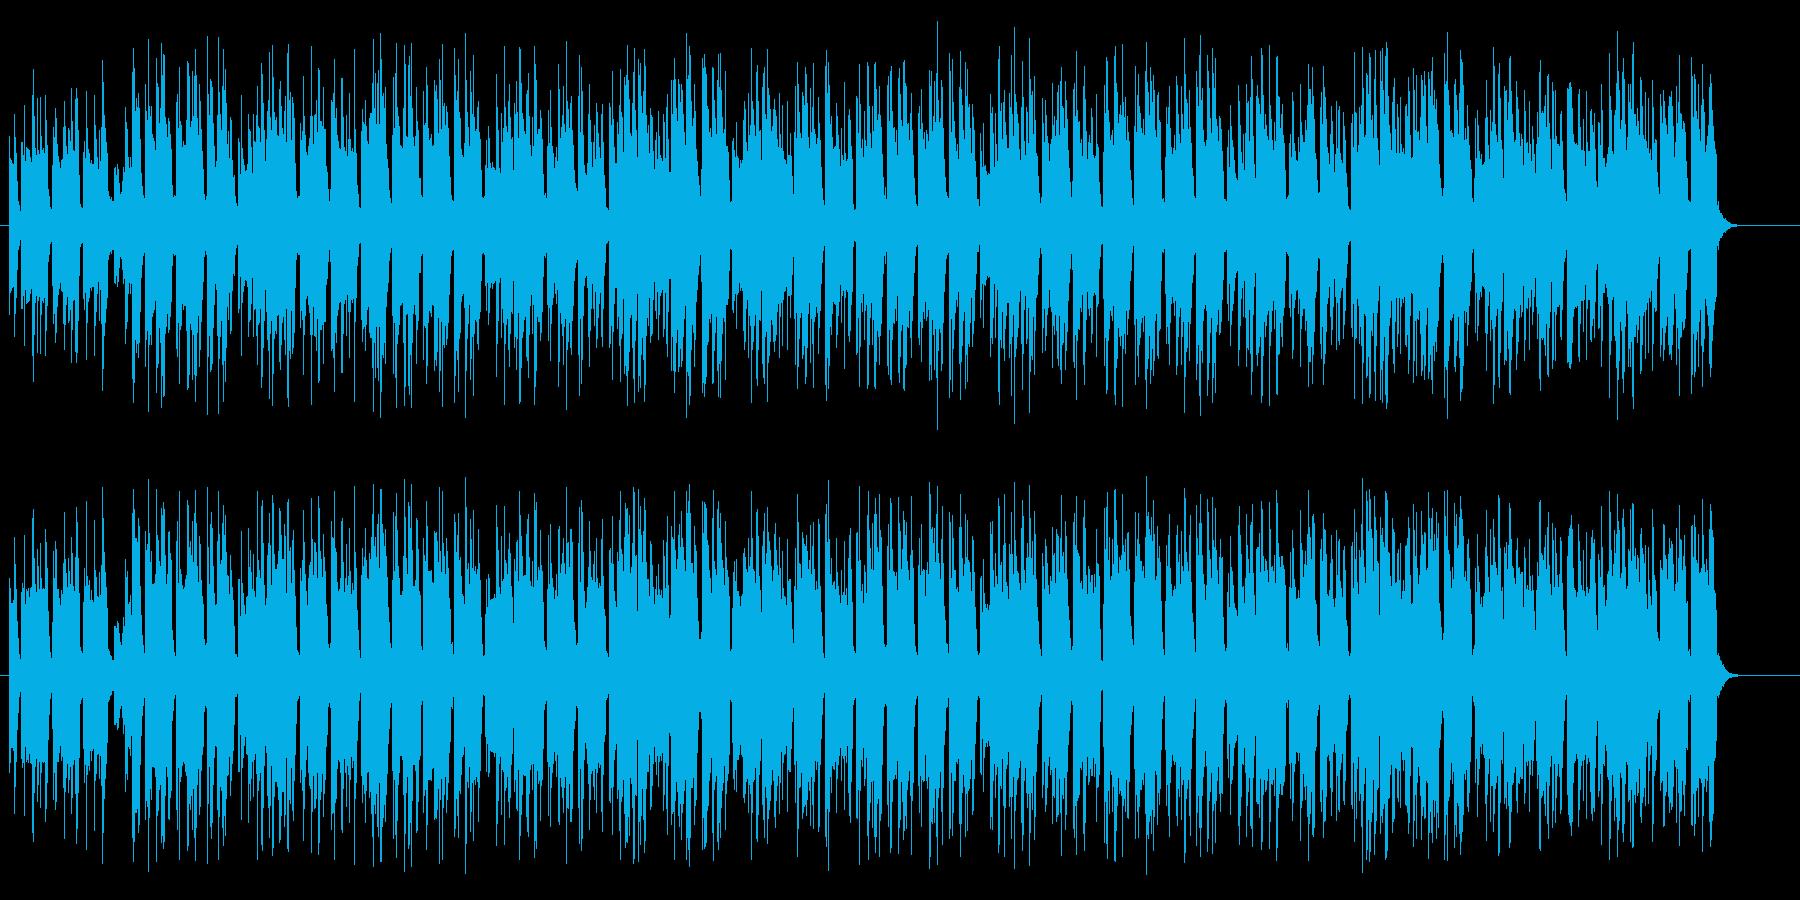 リズミカルな60年代ポピュラー音楽の再生済みの波形